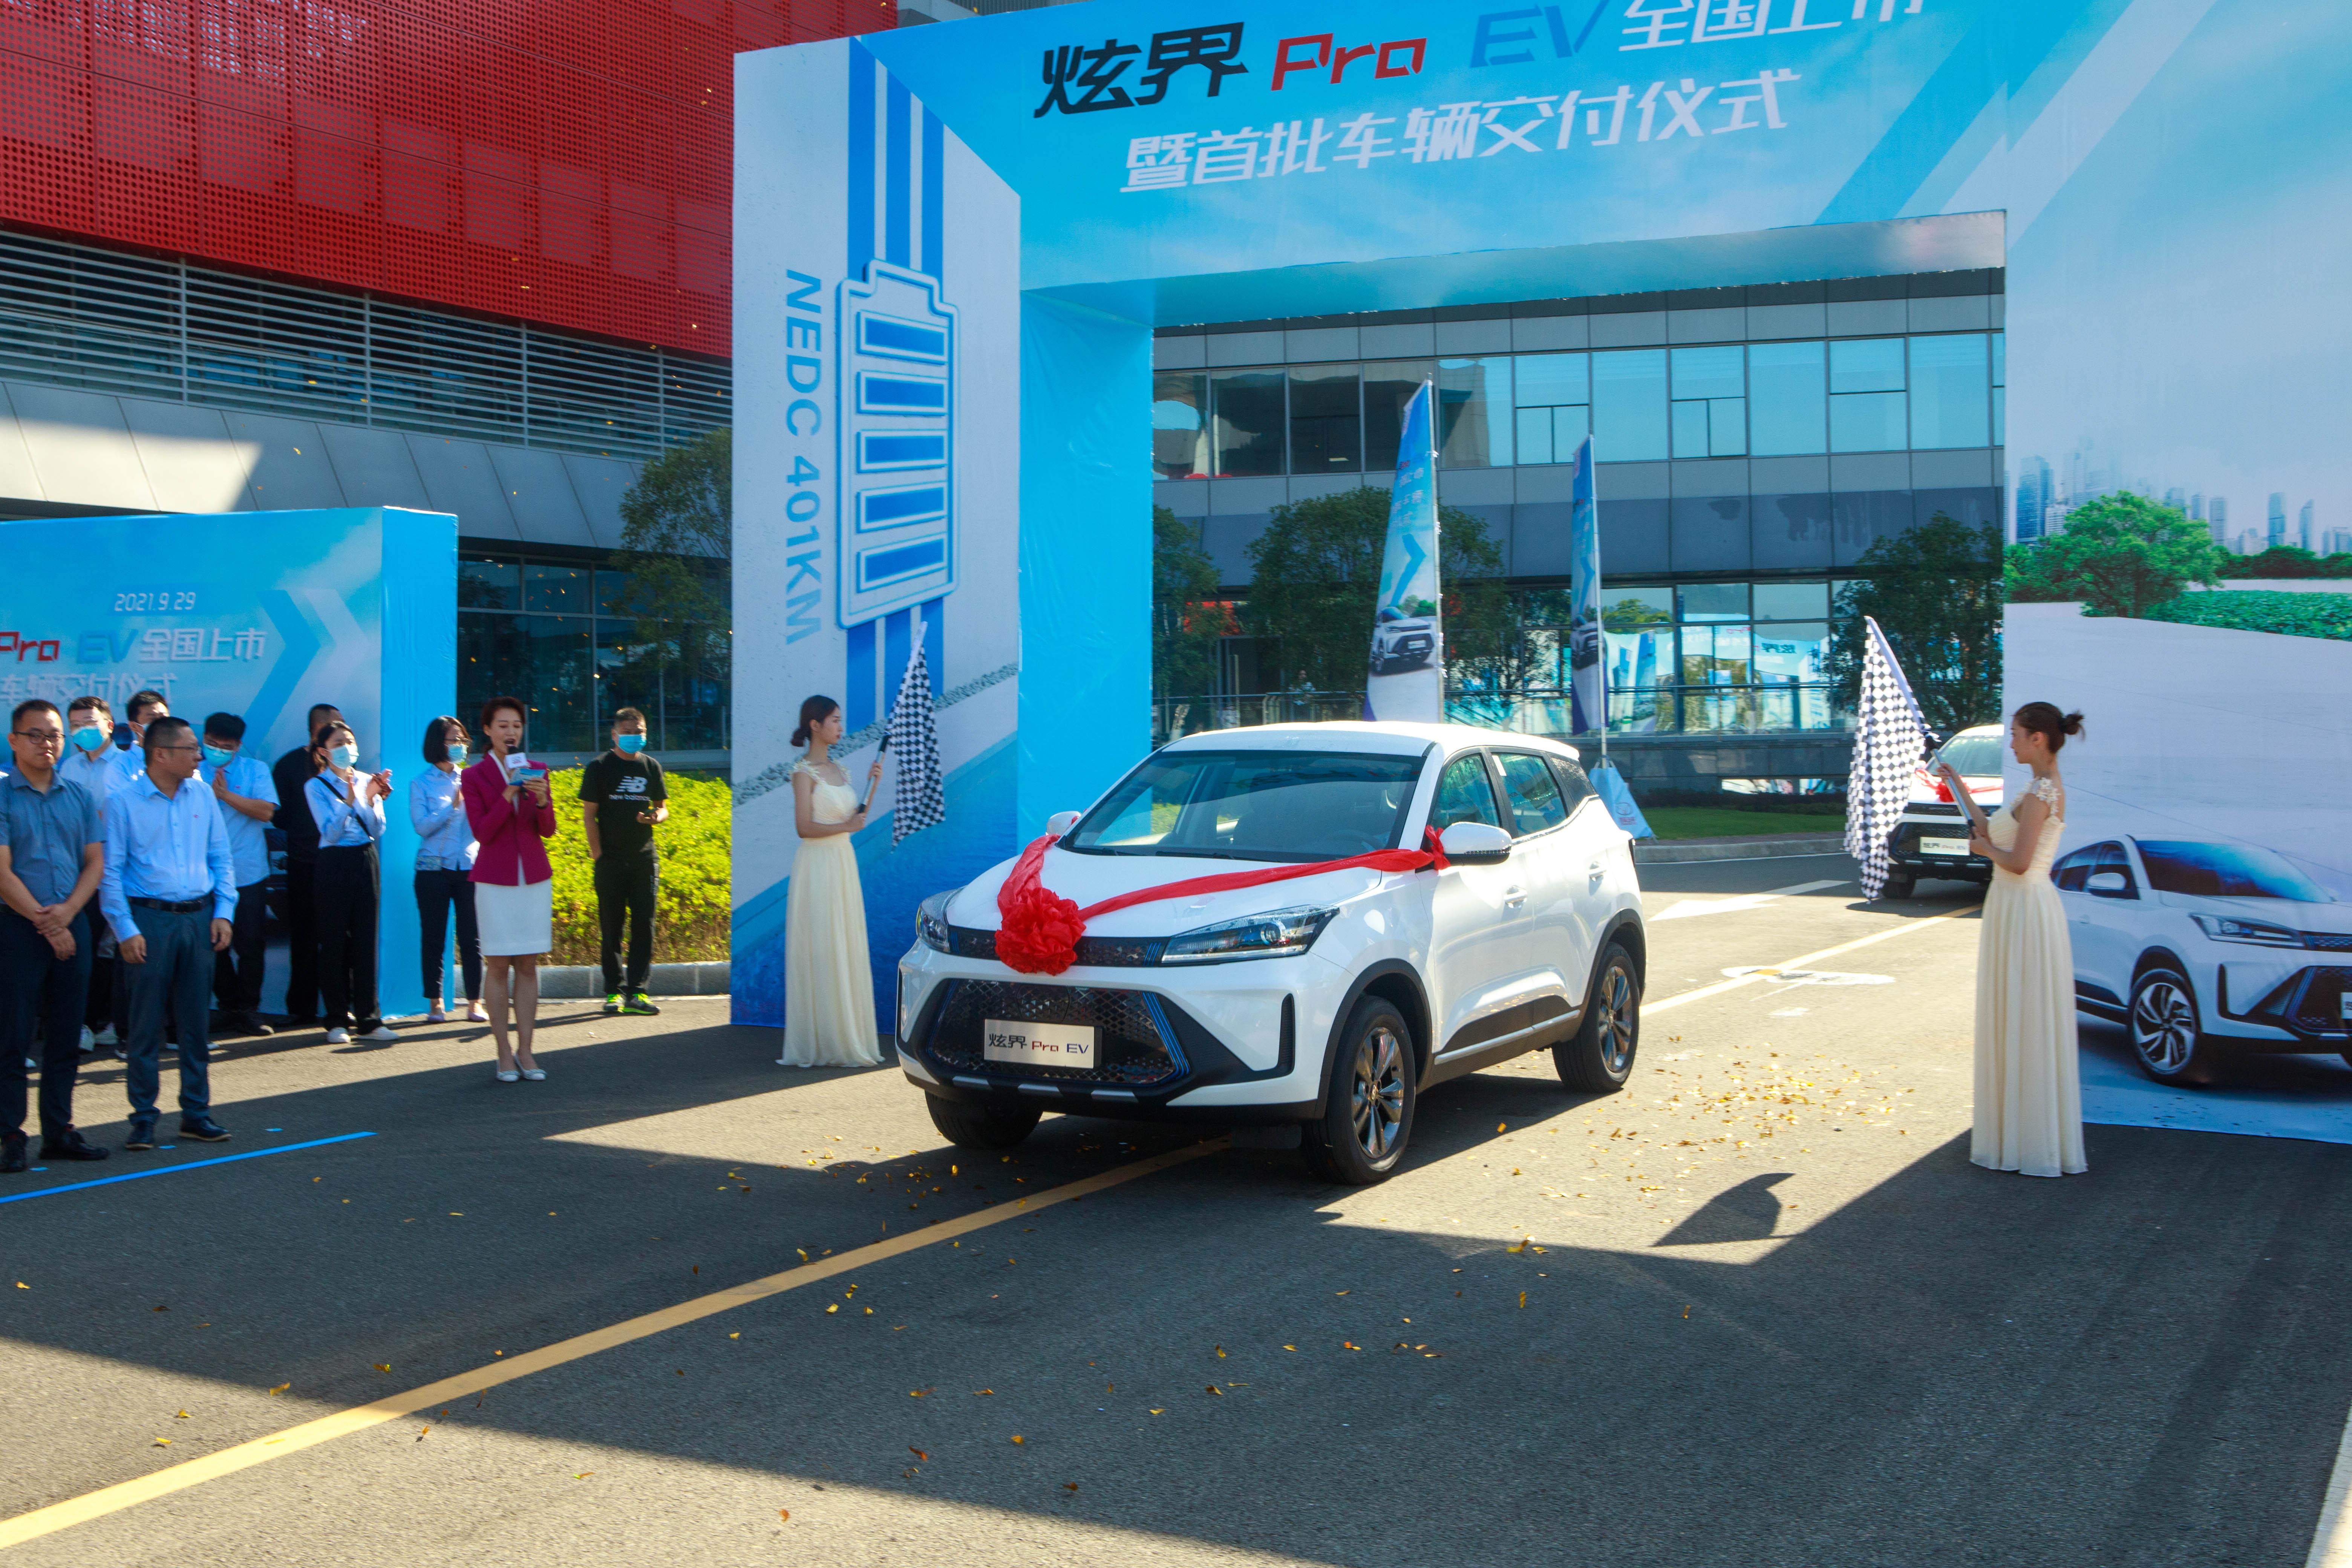 凯翼汽车旗下新能源车型——炫界Pro EV全国上市